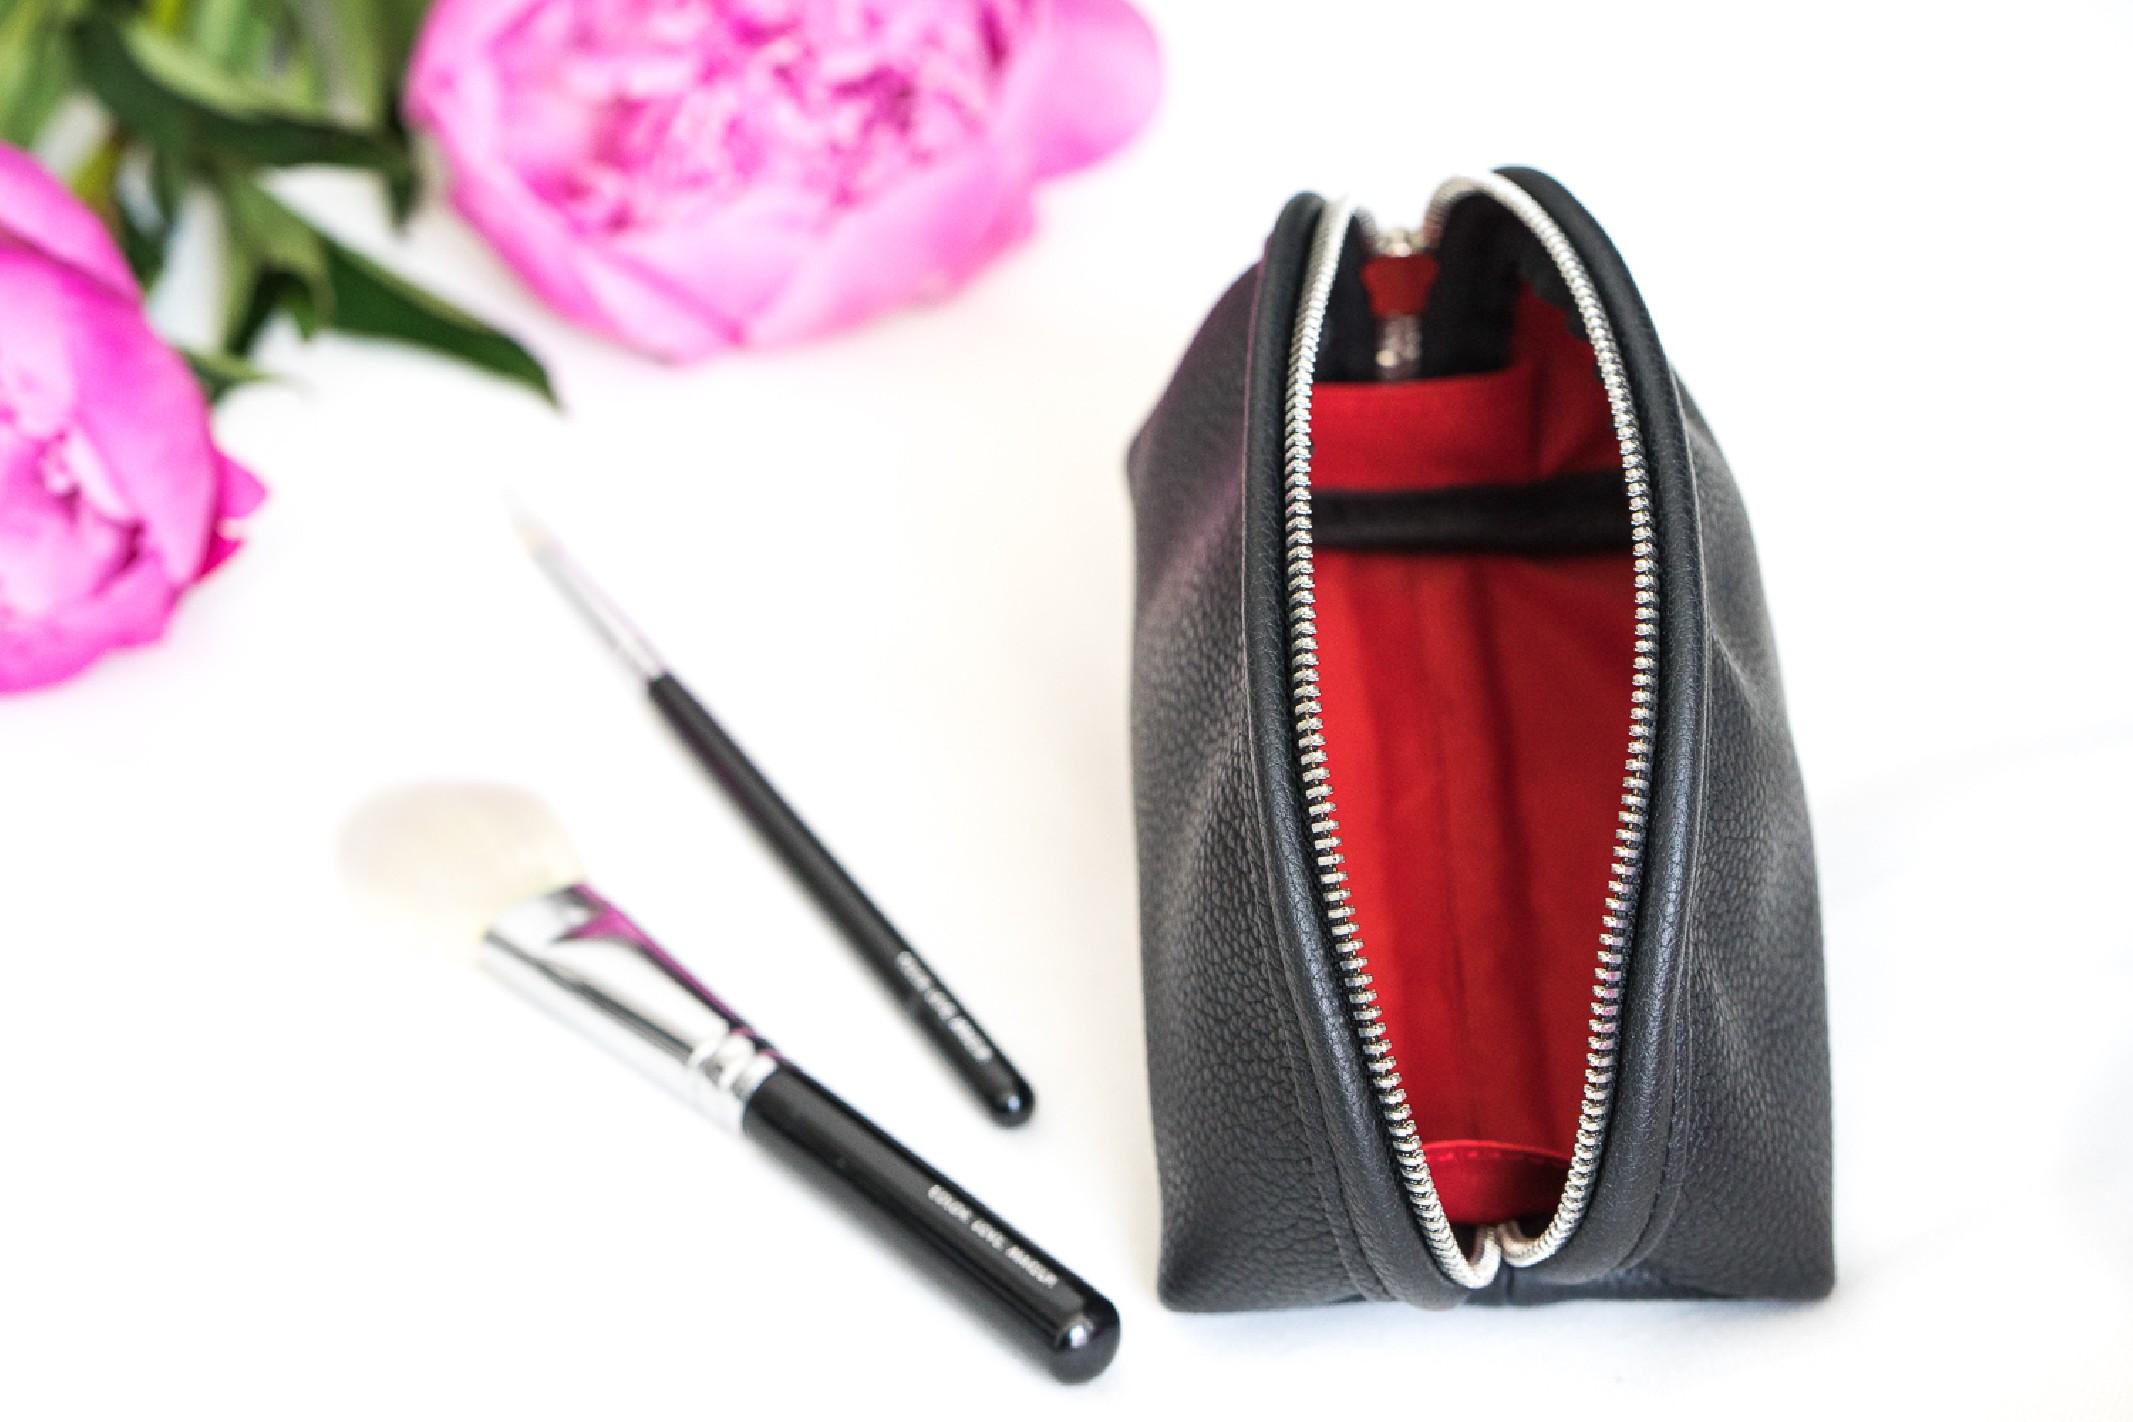 Starannie wyselekcjonowana, odporna na zarysowania, naturalna skóra groszkowa w odcieniu eleganckiej czerni, srebrny zamek błyskawiczny jakości premium, podszewka w kolorze eleganckiej czerwieni i niezwykła precyzja wykonania sprawiają, że kosmetyczka Nashe to rzemiosło z najwyższej półki! wytrzymała - stworzona, by służyć przez długie lata uszyta z naturalnej skóry groszkowej najwyższej jakości stworzona według autorskiego projektu wykonana w polskiej pracowni z miłością, pasją i w zgodnie ze sztuką kaletniczą zapinana na metalowy zamek wyłożona elegancką czerwoną podszewką z delikatnym satynowym połyskiem wymiary: 35 x 21x 17 cm waga: 0,36kg potrzebujesz mniejszej kosmetyczki? SPRAWDŹ TUTAJ! Co znajduje się w pudełku? W Nashe wierzymy, że w przypadku naszych produktów pierwsze wrażenie ma ogromne znaczenie. Bo czy nie przyjemnie jest wziąć w dłonie piękne, subtelnie perłowe pudełko, pod którego wieczkiem kryje się otulona miękką bibułą wymarzona kosmetyczka? A ten zniewalający zapach